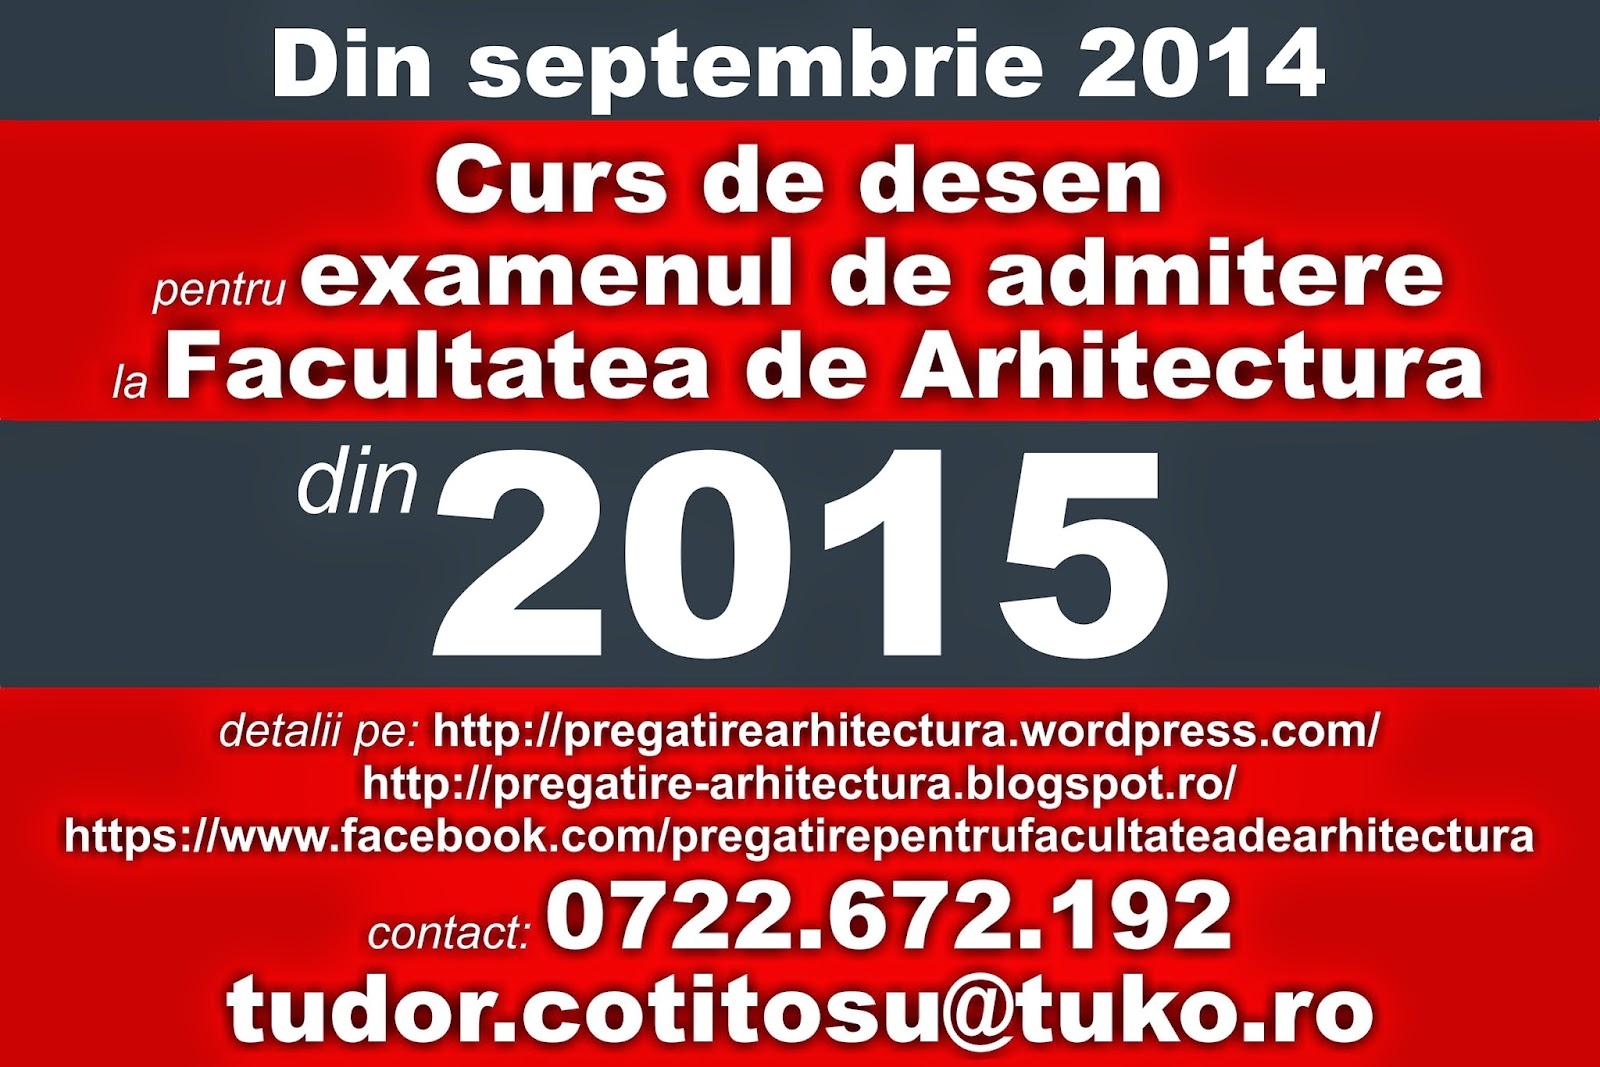 Curs de desen pentru examenul de admitere la Facultatea de Arhitectura 2014 - 2015